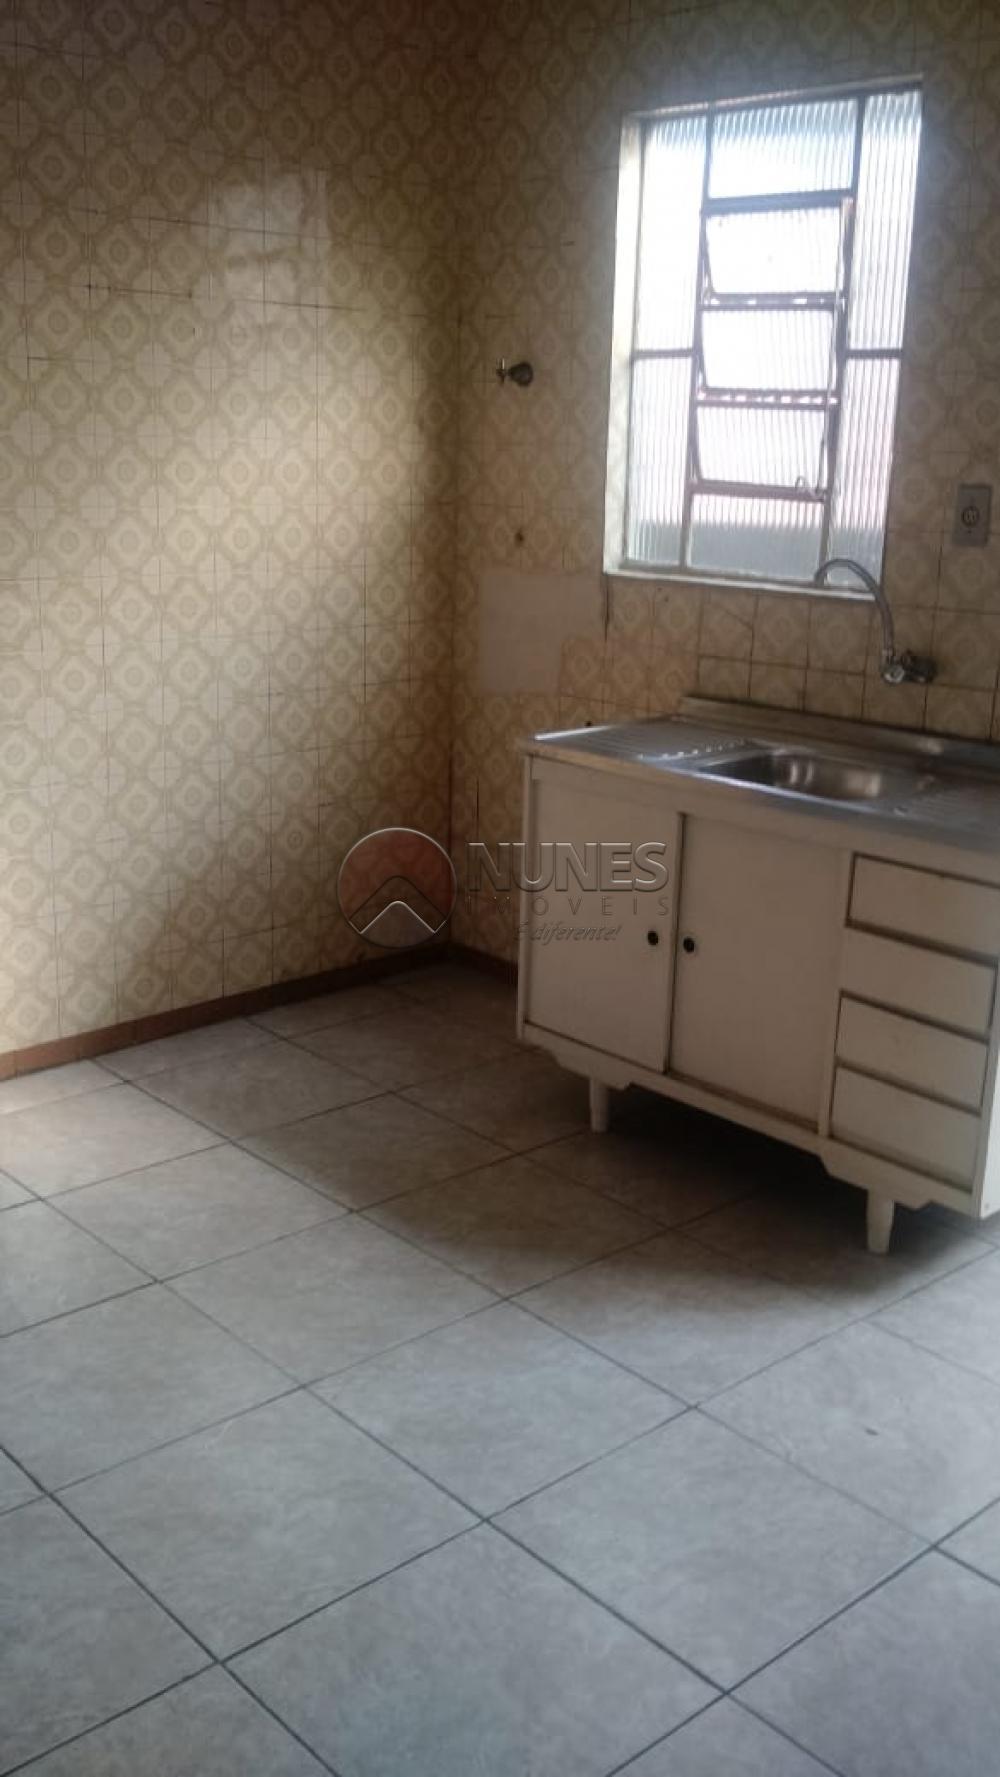 Comprar Casa / Assobradada em Osasco apenas R$ 230.000,00 - Foto 6